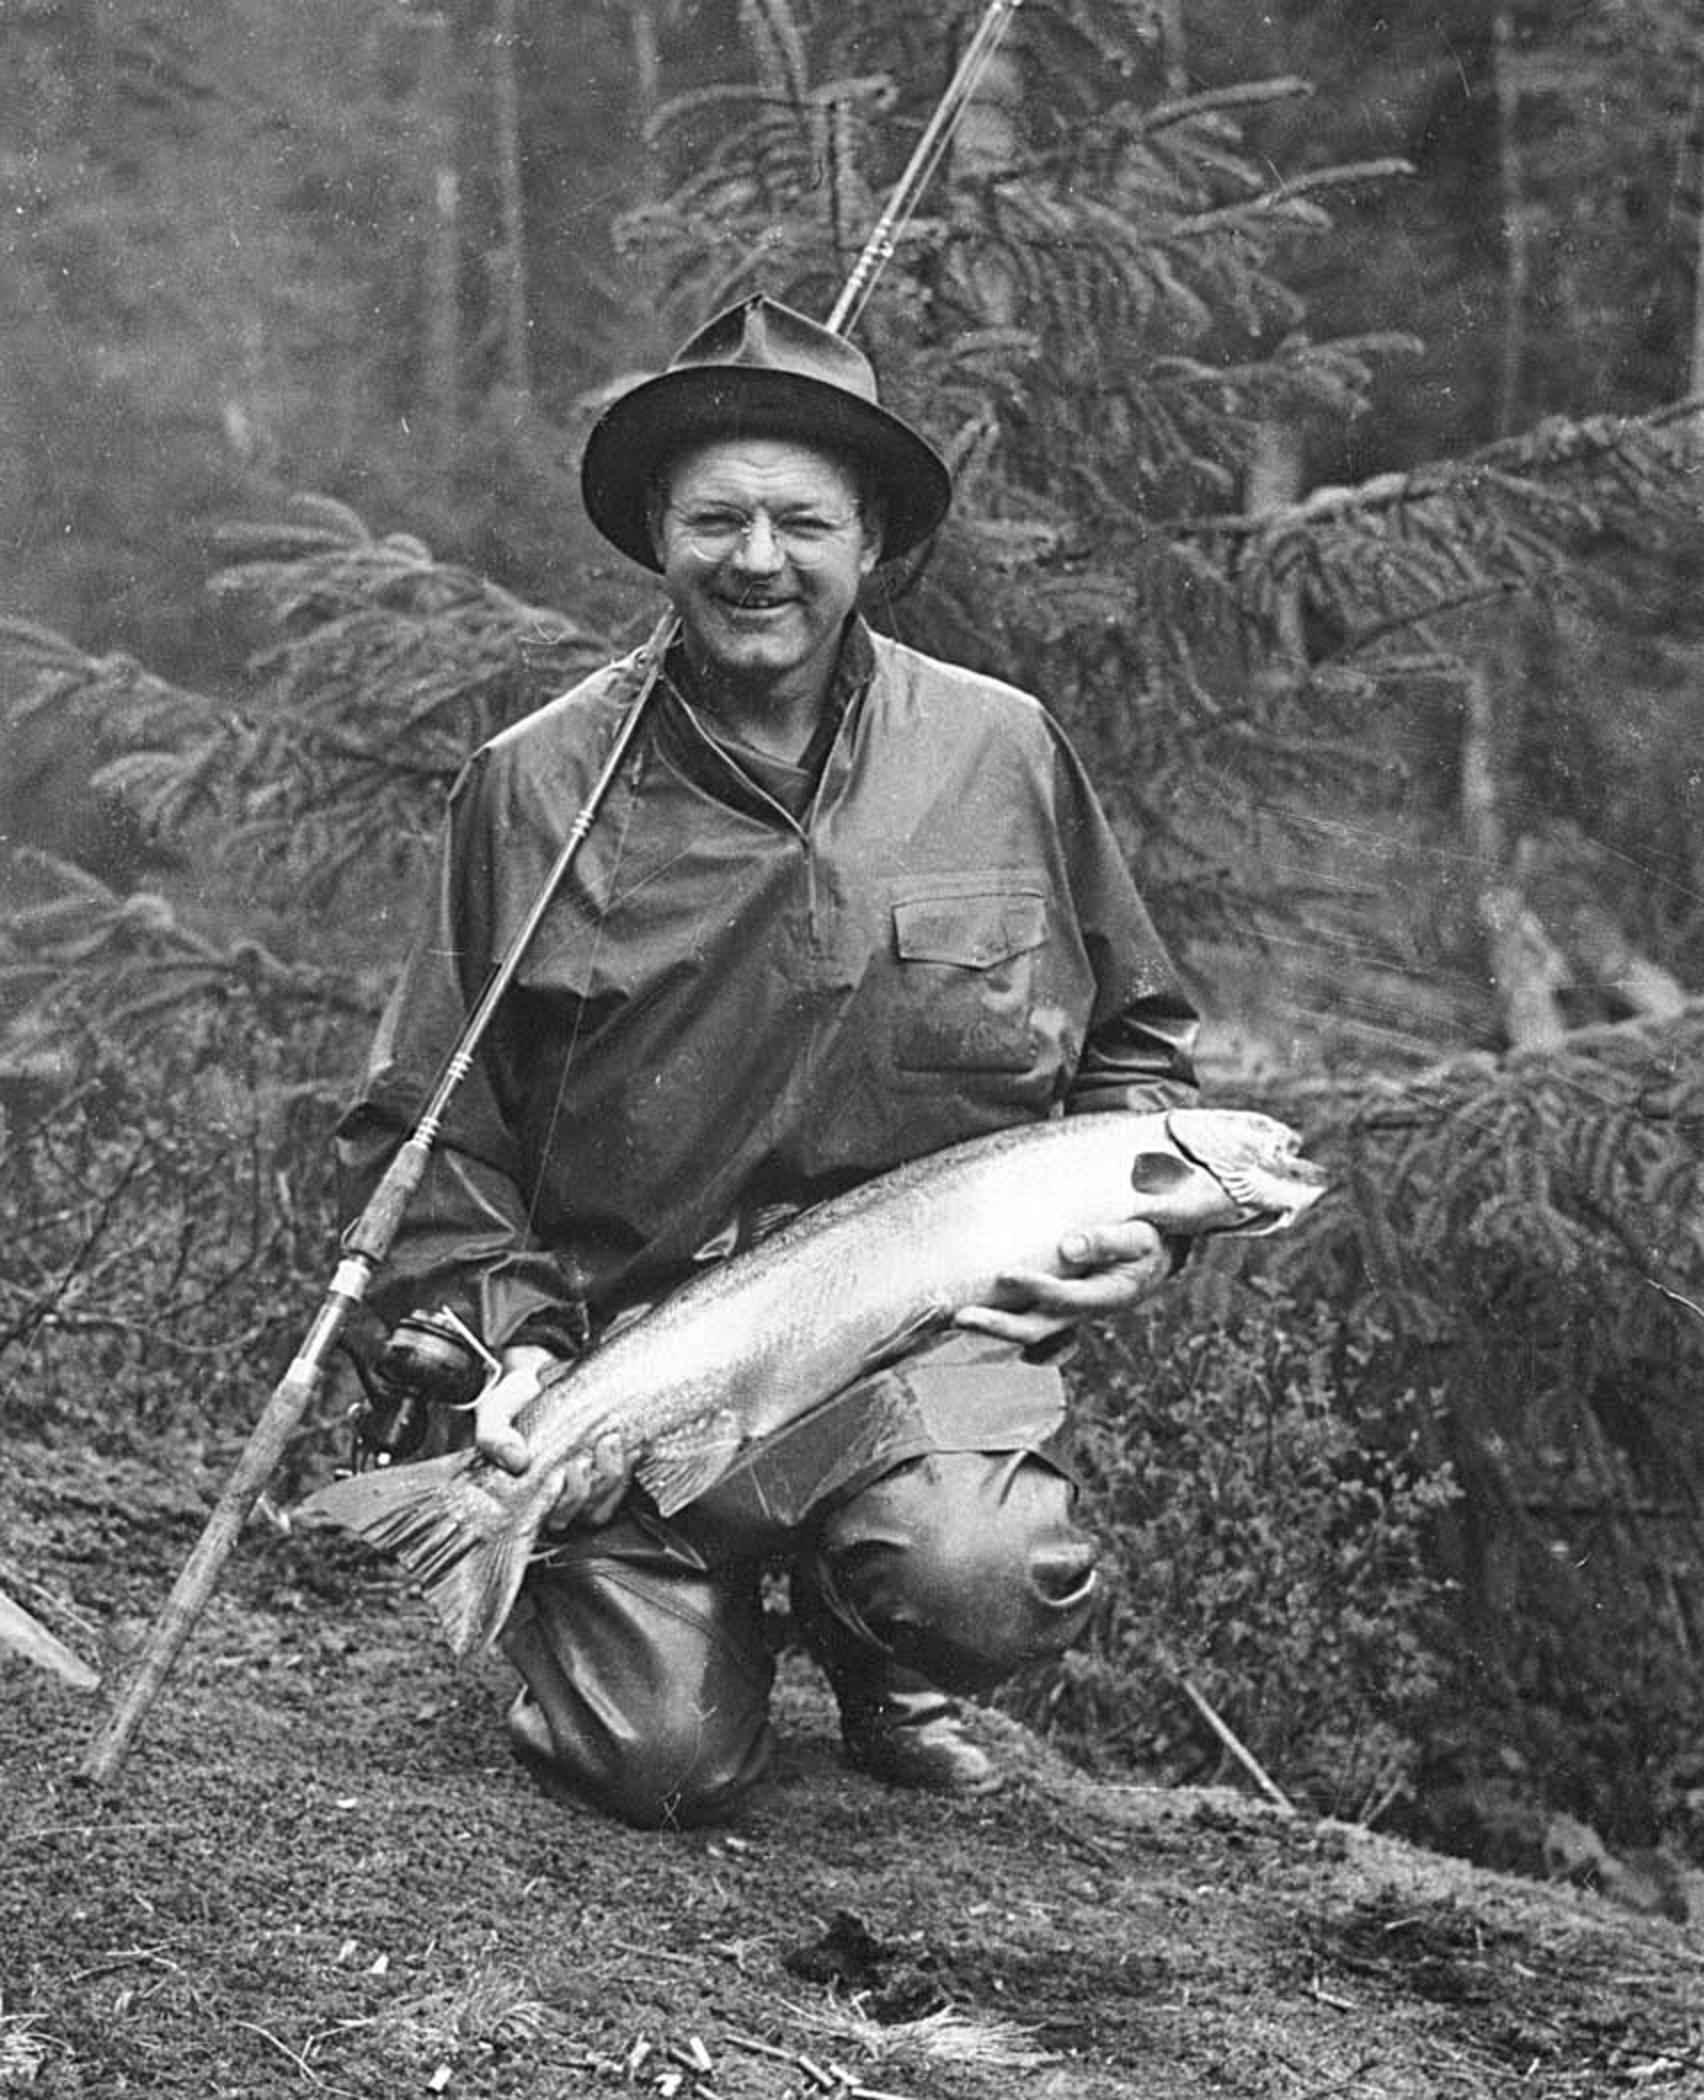 Old Man Fishing Cake Topper